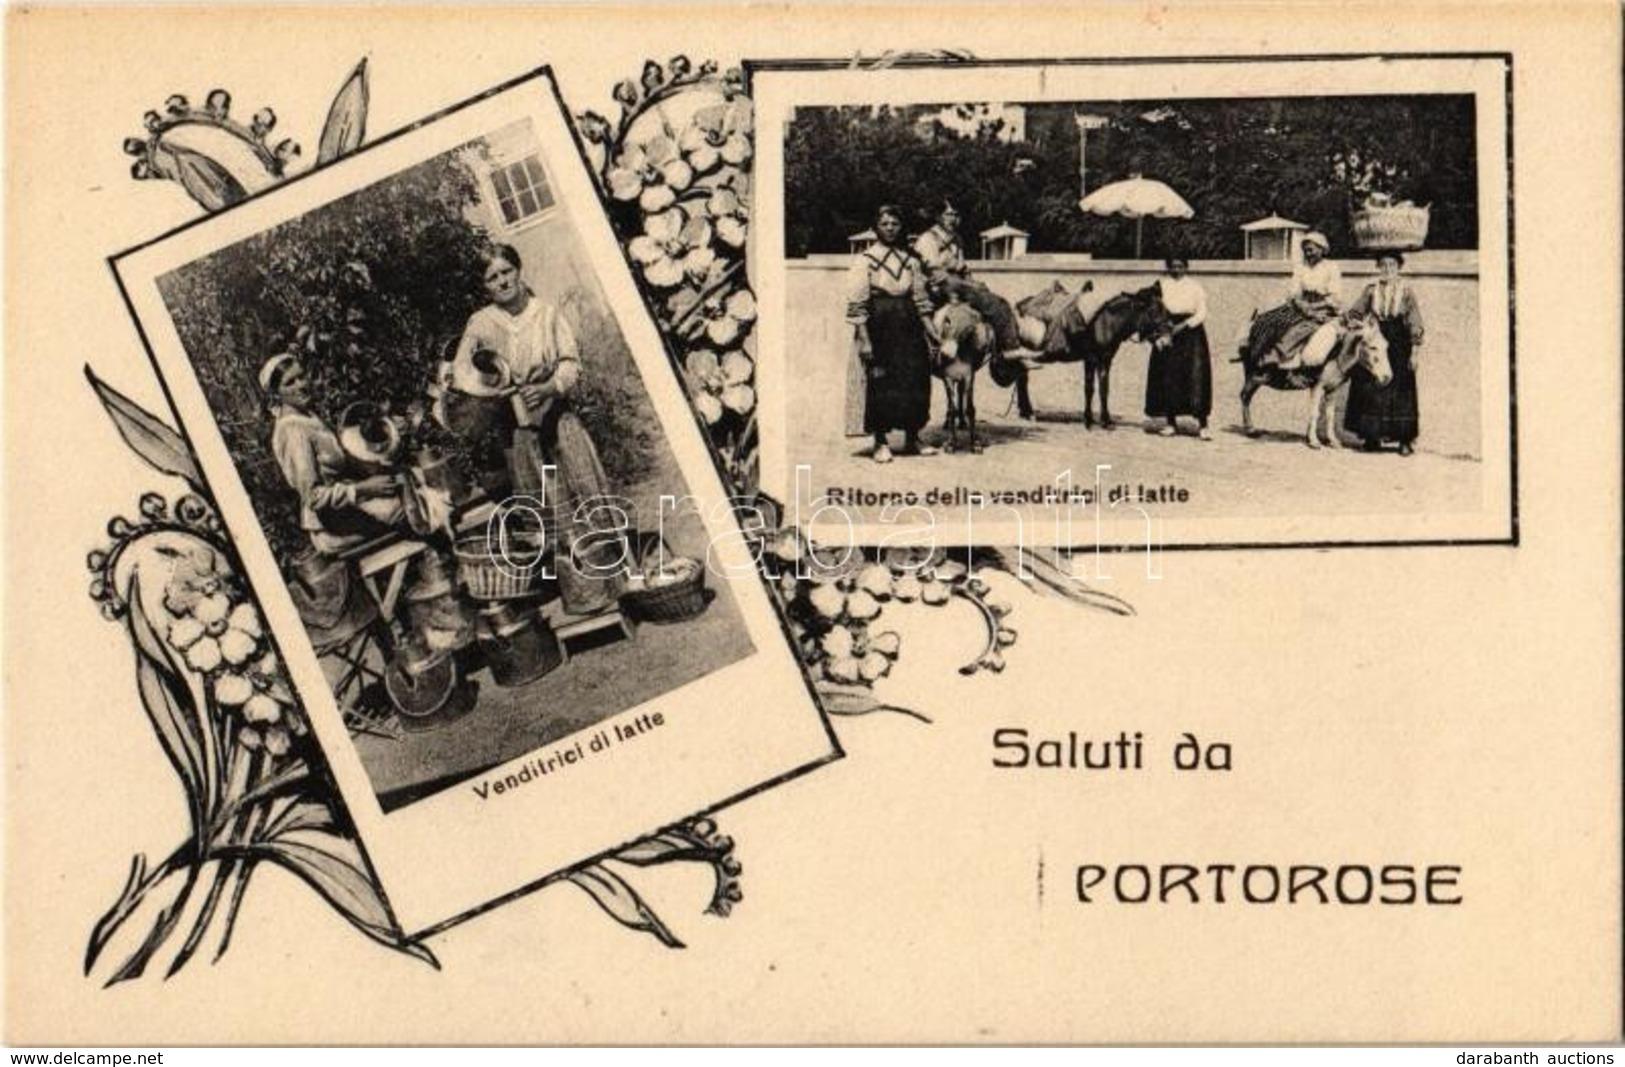 ** Portoroz, Portorose (Piran, Pirano) - 6 Db Régi Városképes Lap / 6 Pre-1945 Town-view Postcards - Unclassified